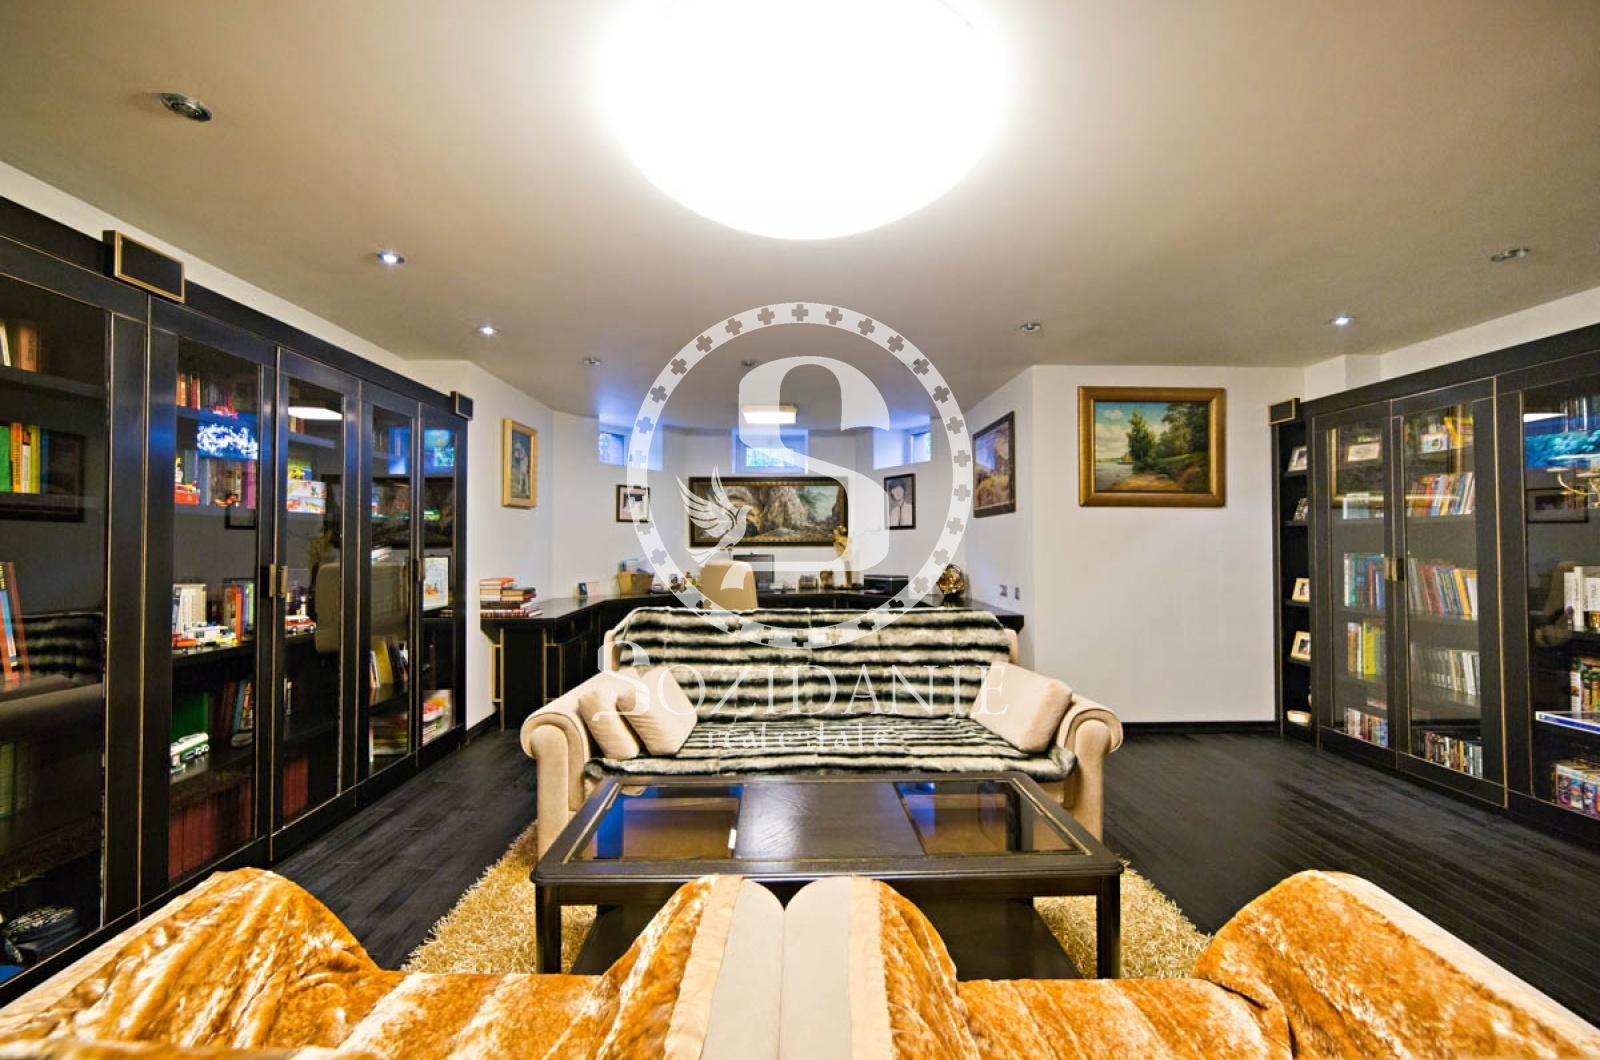 4 Bedrooms, Загородная, Продажа, Listing ID 1349, Московская область, Россия,